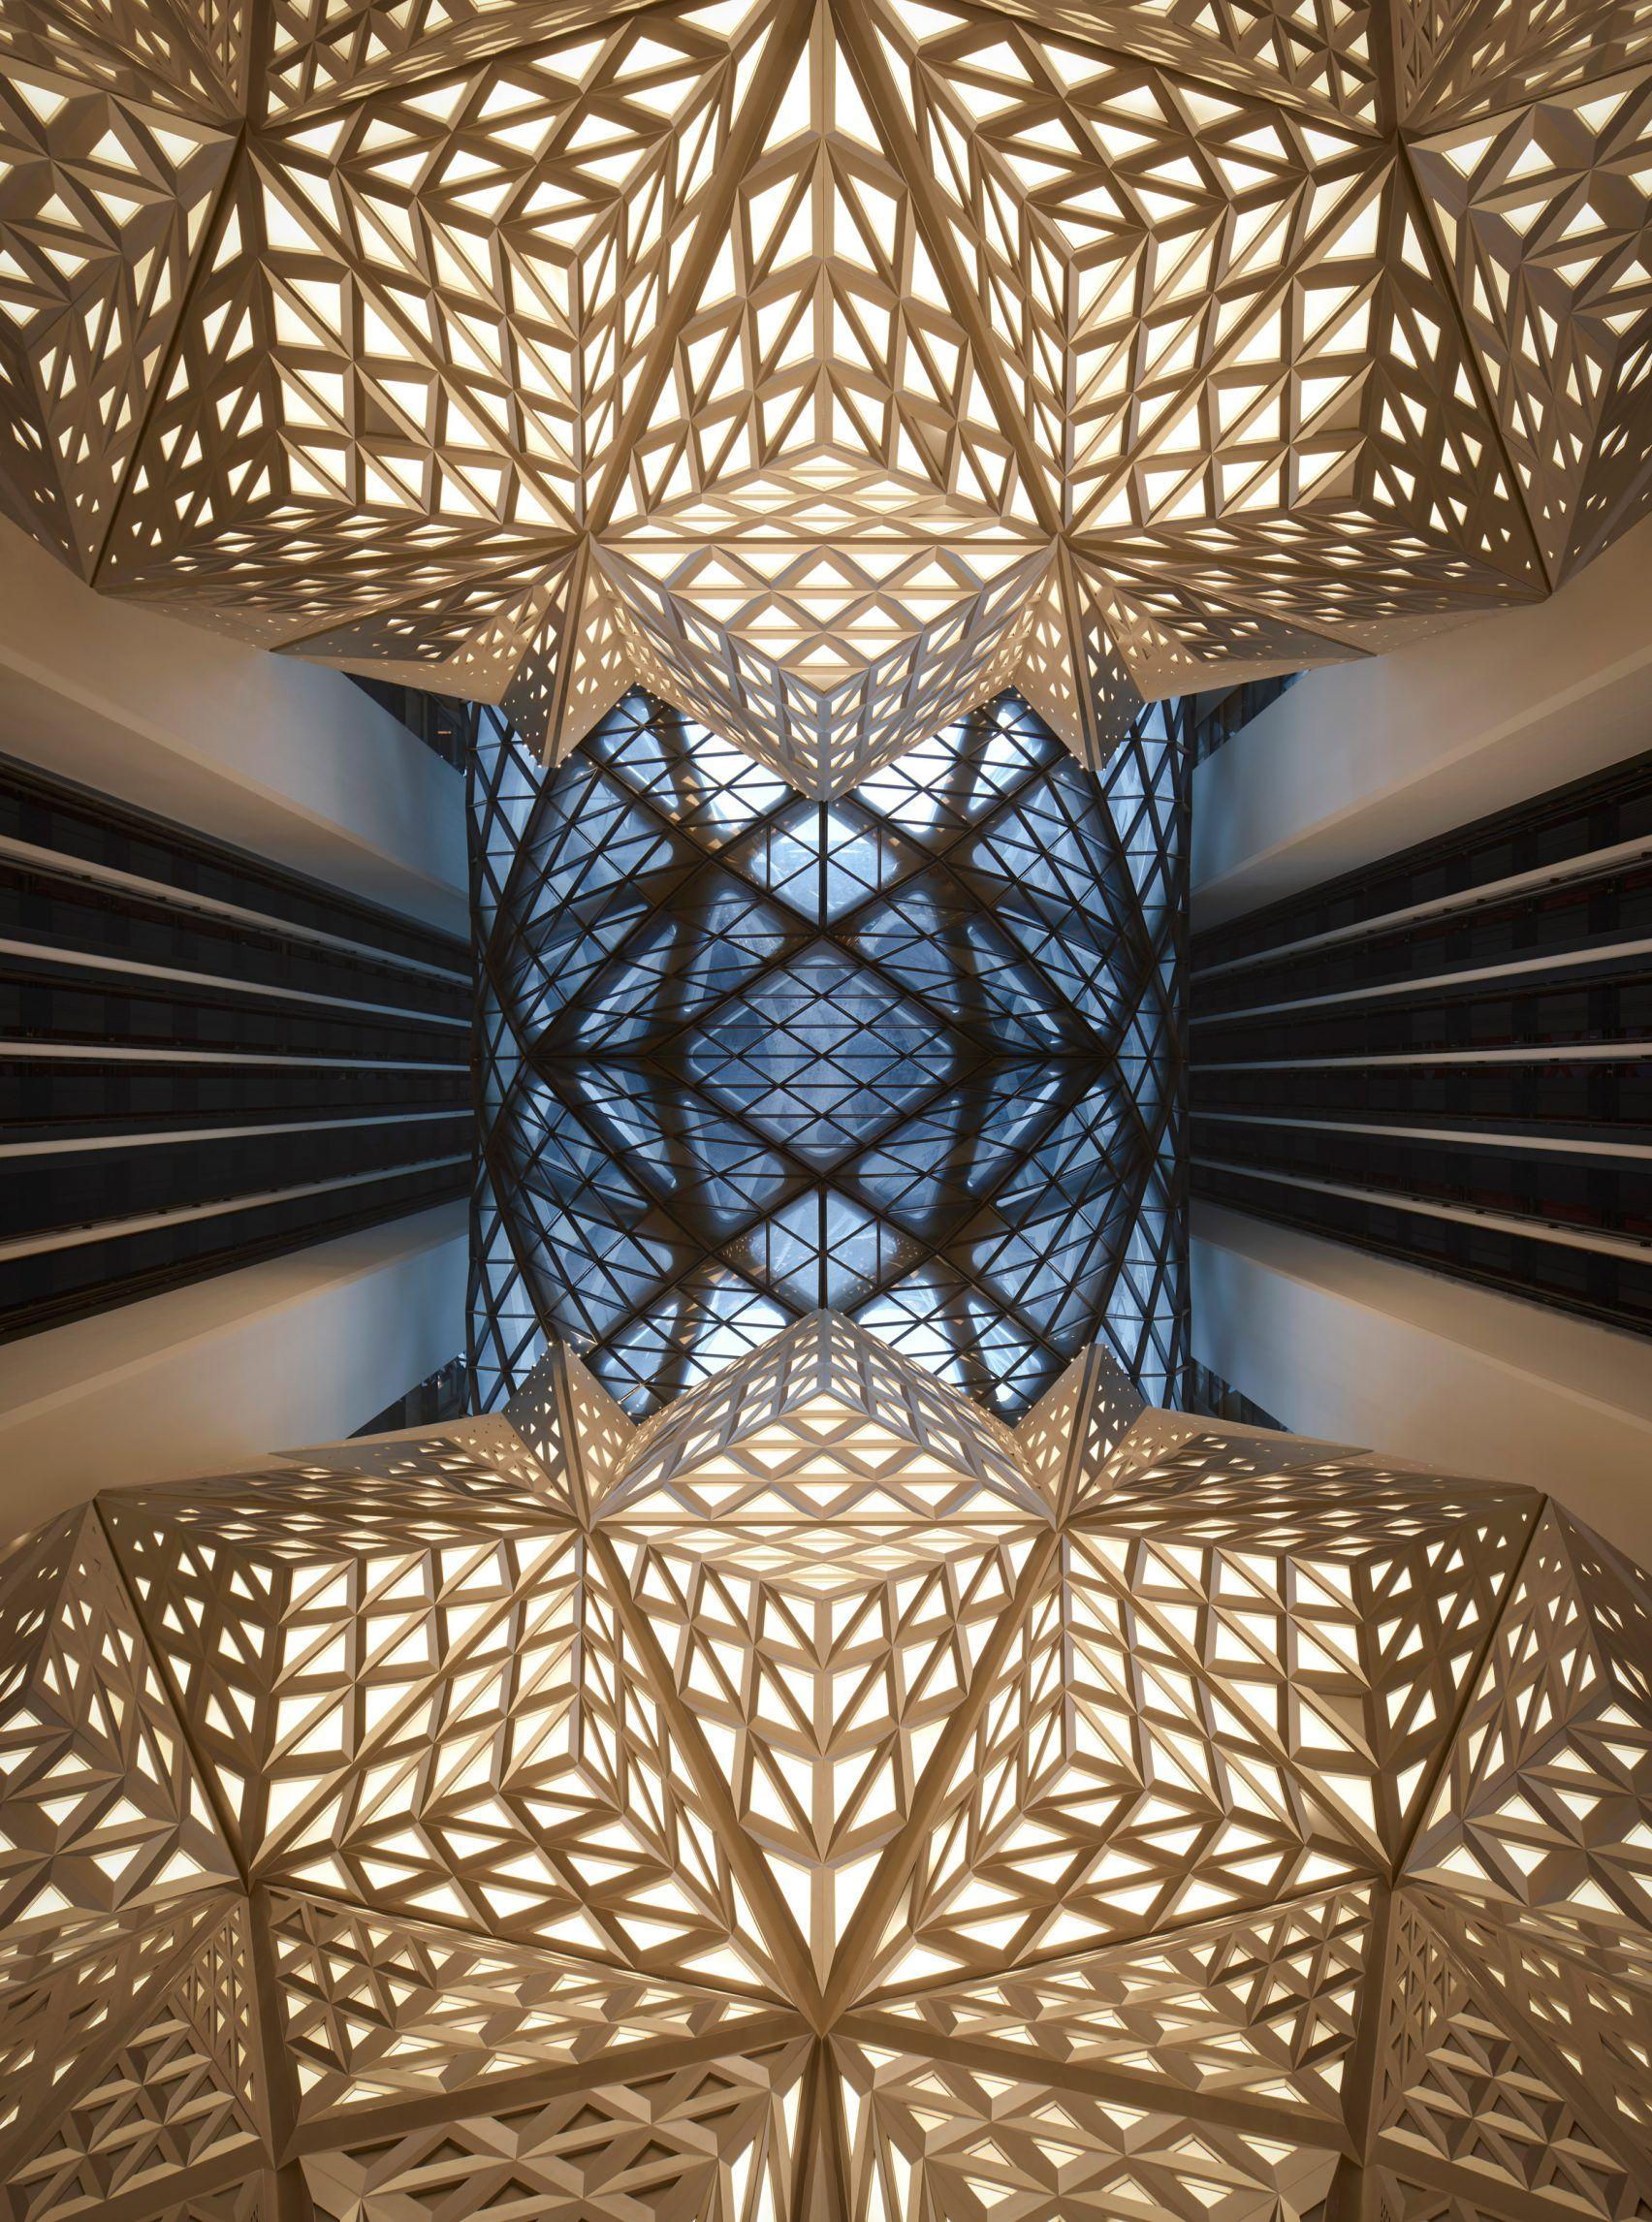 iGNANT-Architecture-Zaha-Hadid-Architects-Morpheus-Hotel-004